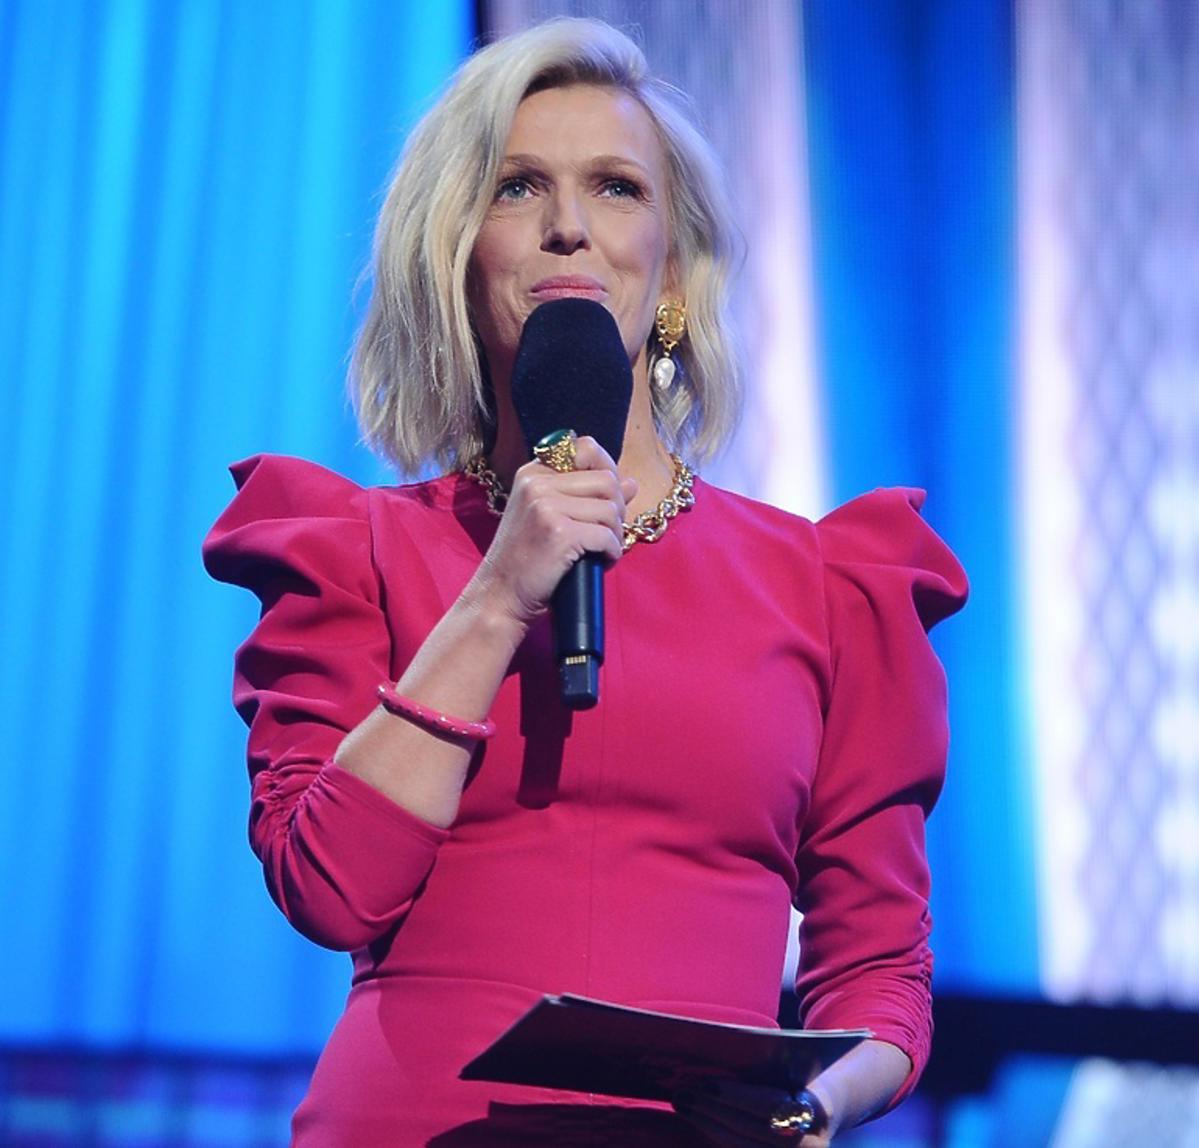 Magda Mołek na festiwalu Top of the top 2019 w różowej stylizacji